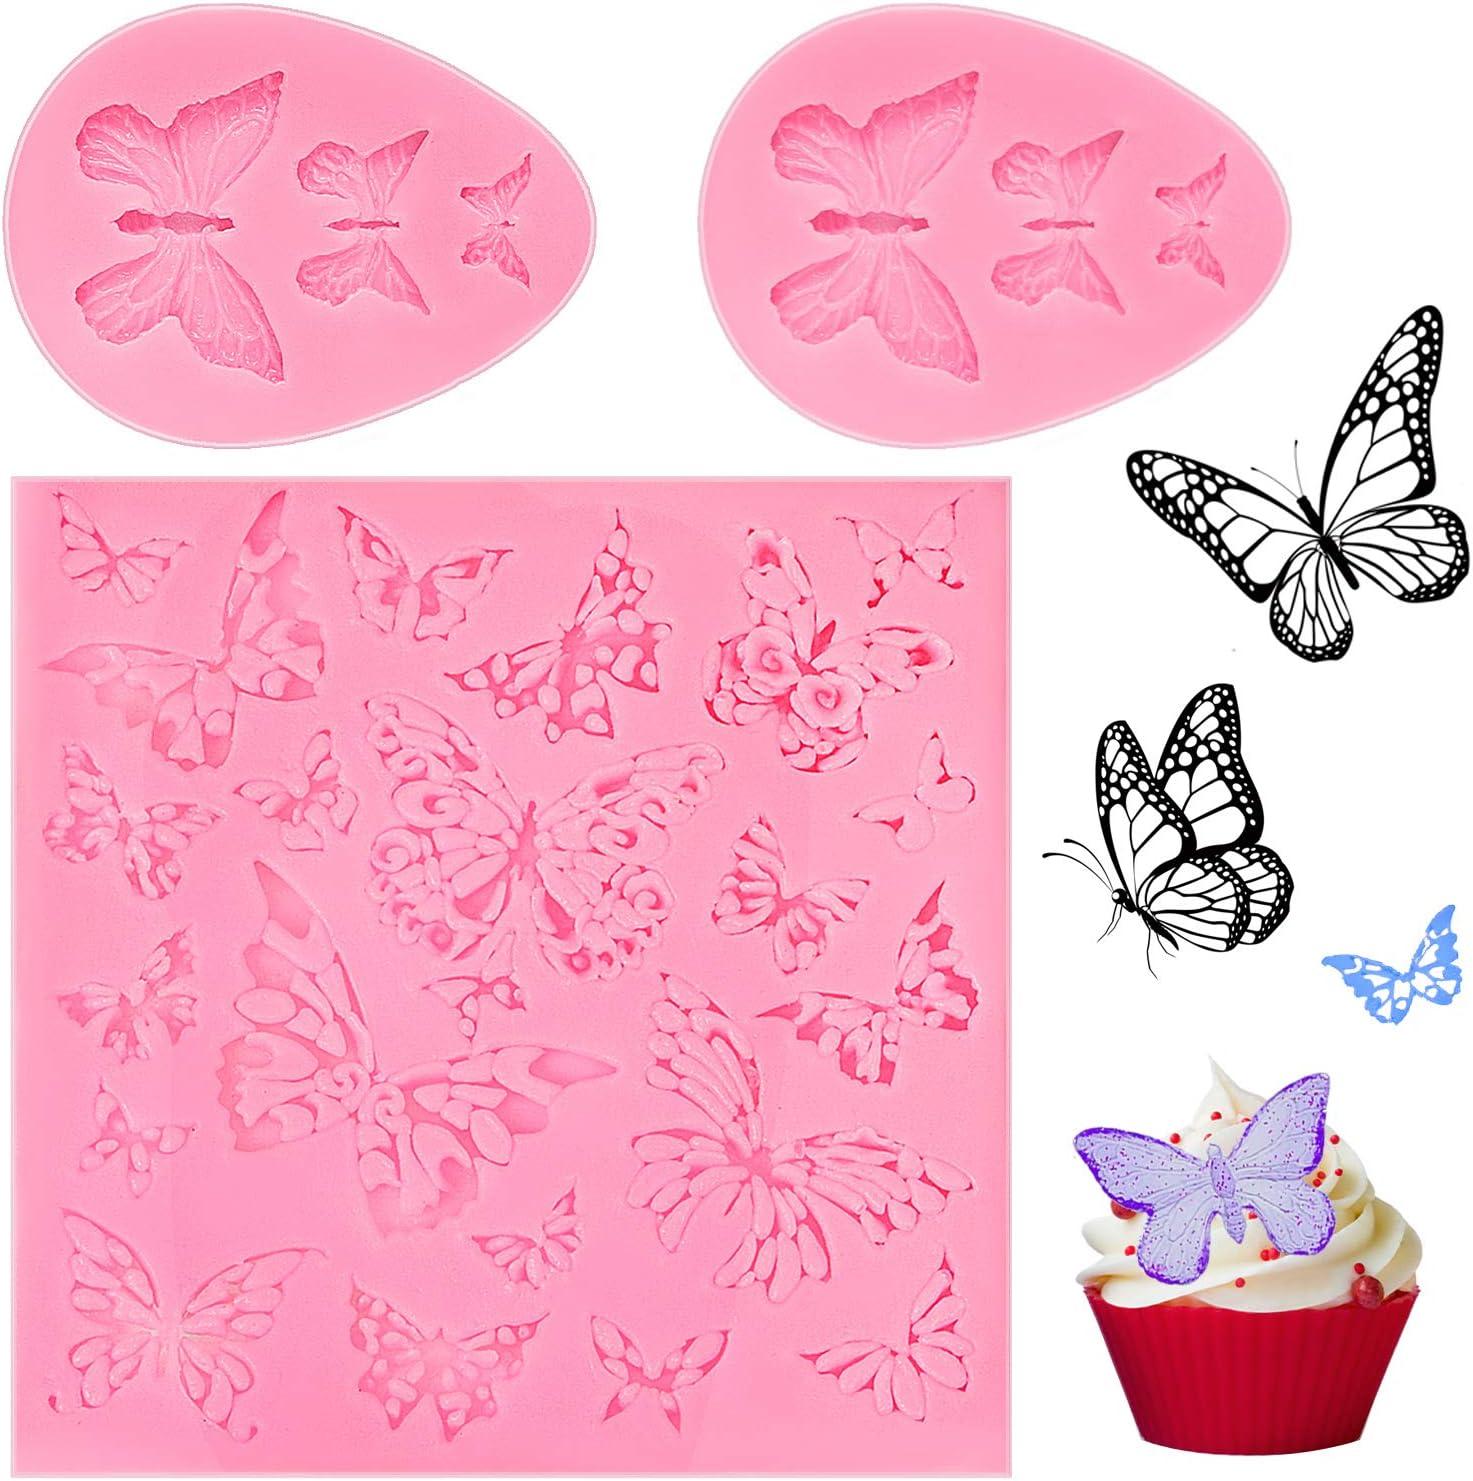 3 Piezas Moldes de Silicona con Forma de Mariposa Hueca Moldes de Pasteles Fondant Molde de Caramelo Chocolate Moldes para Postres Galletas para Utensilios de Hornada Cocina Hogar